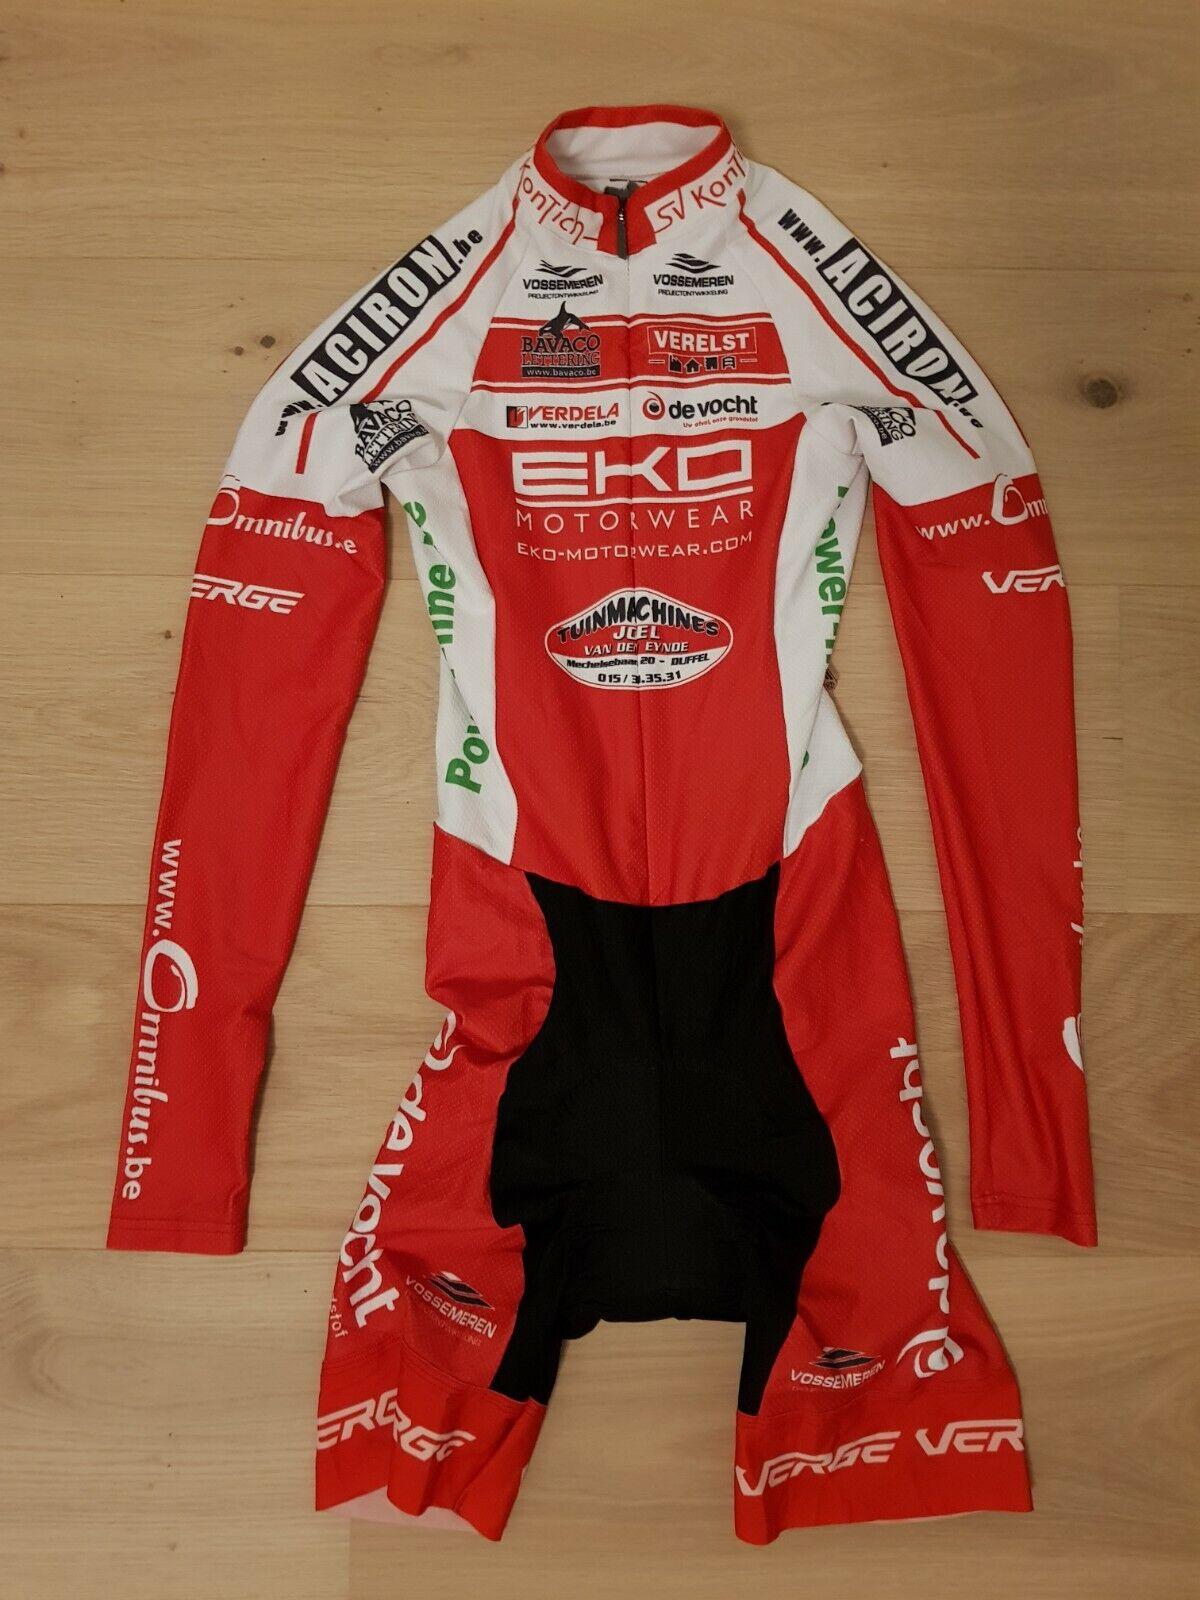 VERGE Strike Lange Sleeve Cycloop Snelheidspak Time Trial TT Vrouwen 65533;-65533s Grootte XS